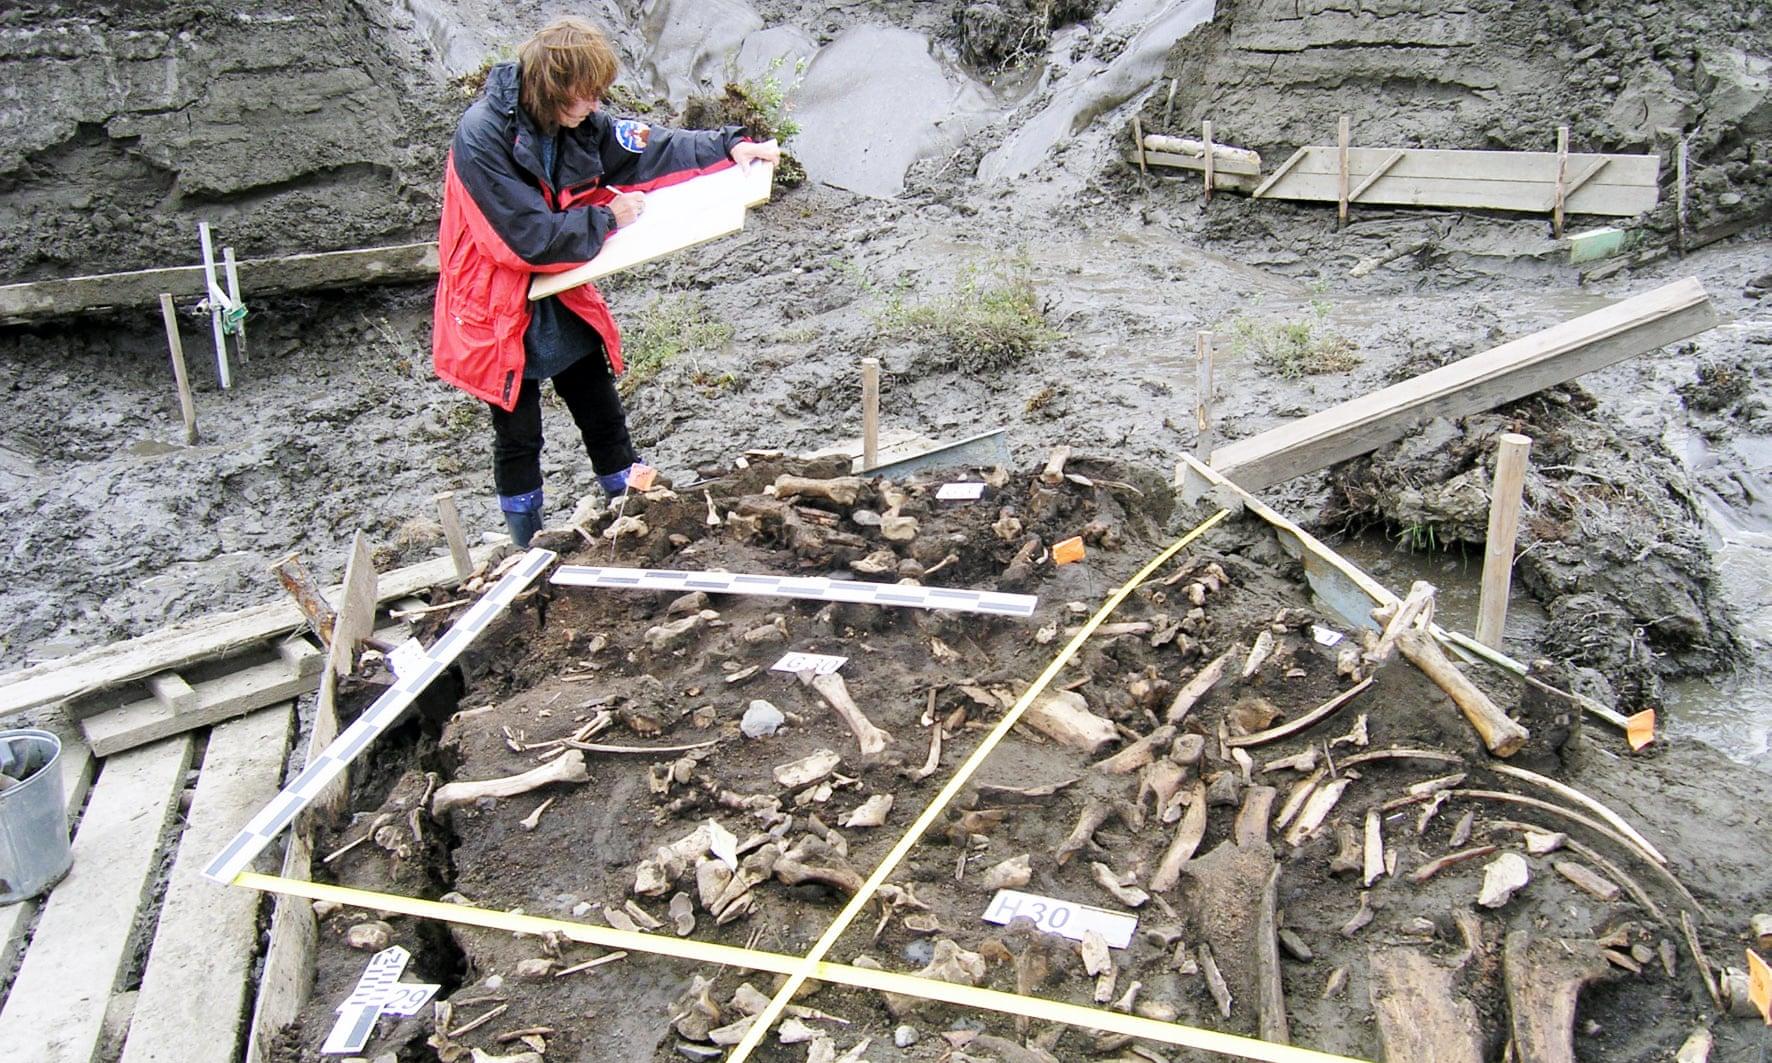 В Сибириоткрыли ранее неизвестный вид человека